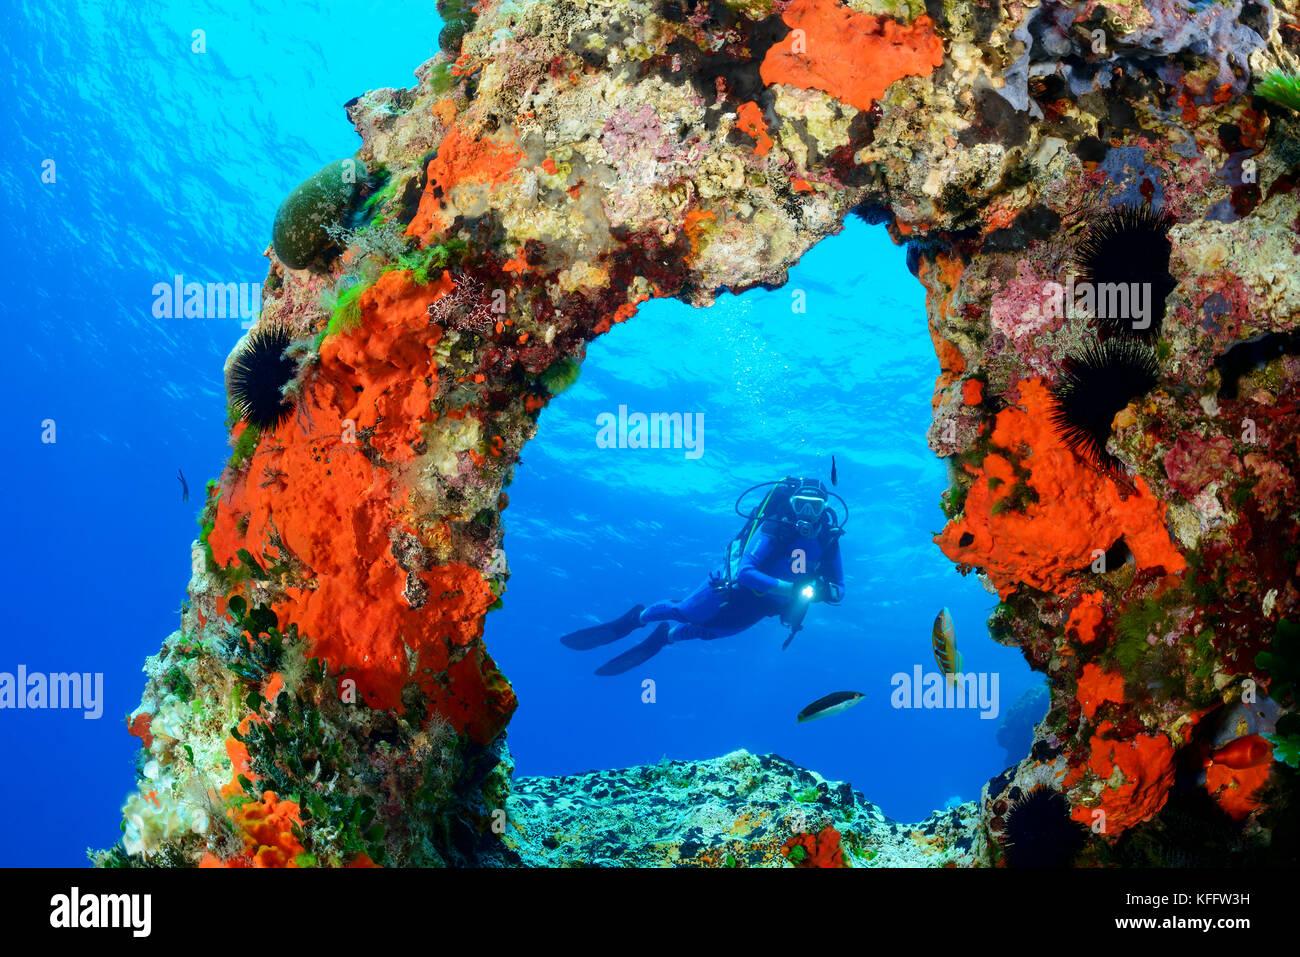 Coralreef with Arch and scuba diver, Adriatic Sea, Mediterranean Sea, Island Lastovo, Dalmatia, Croatia, MR Yes - Stock Image